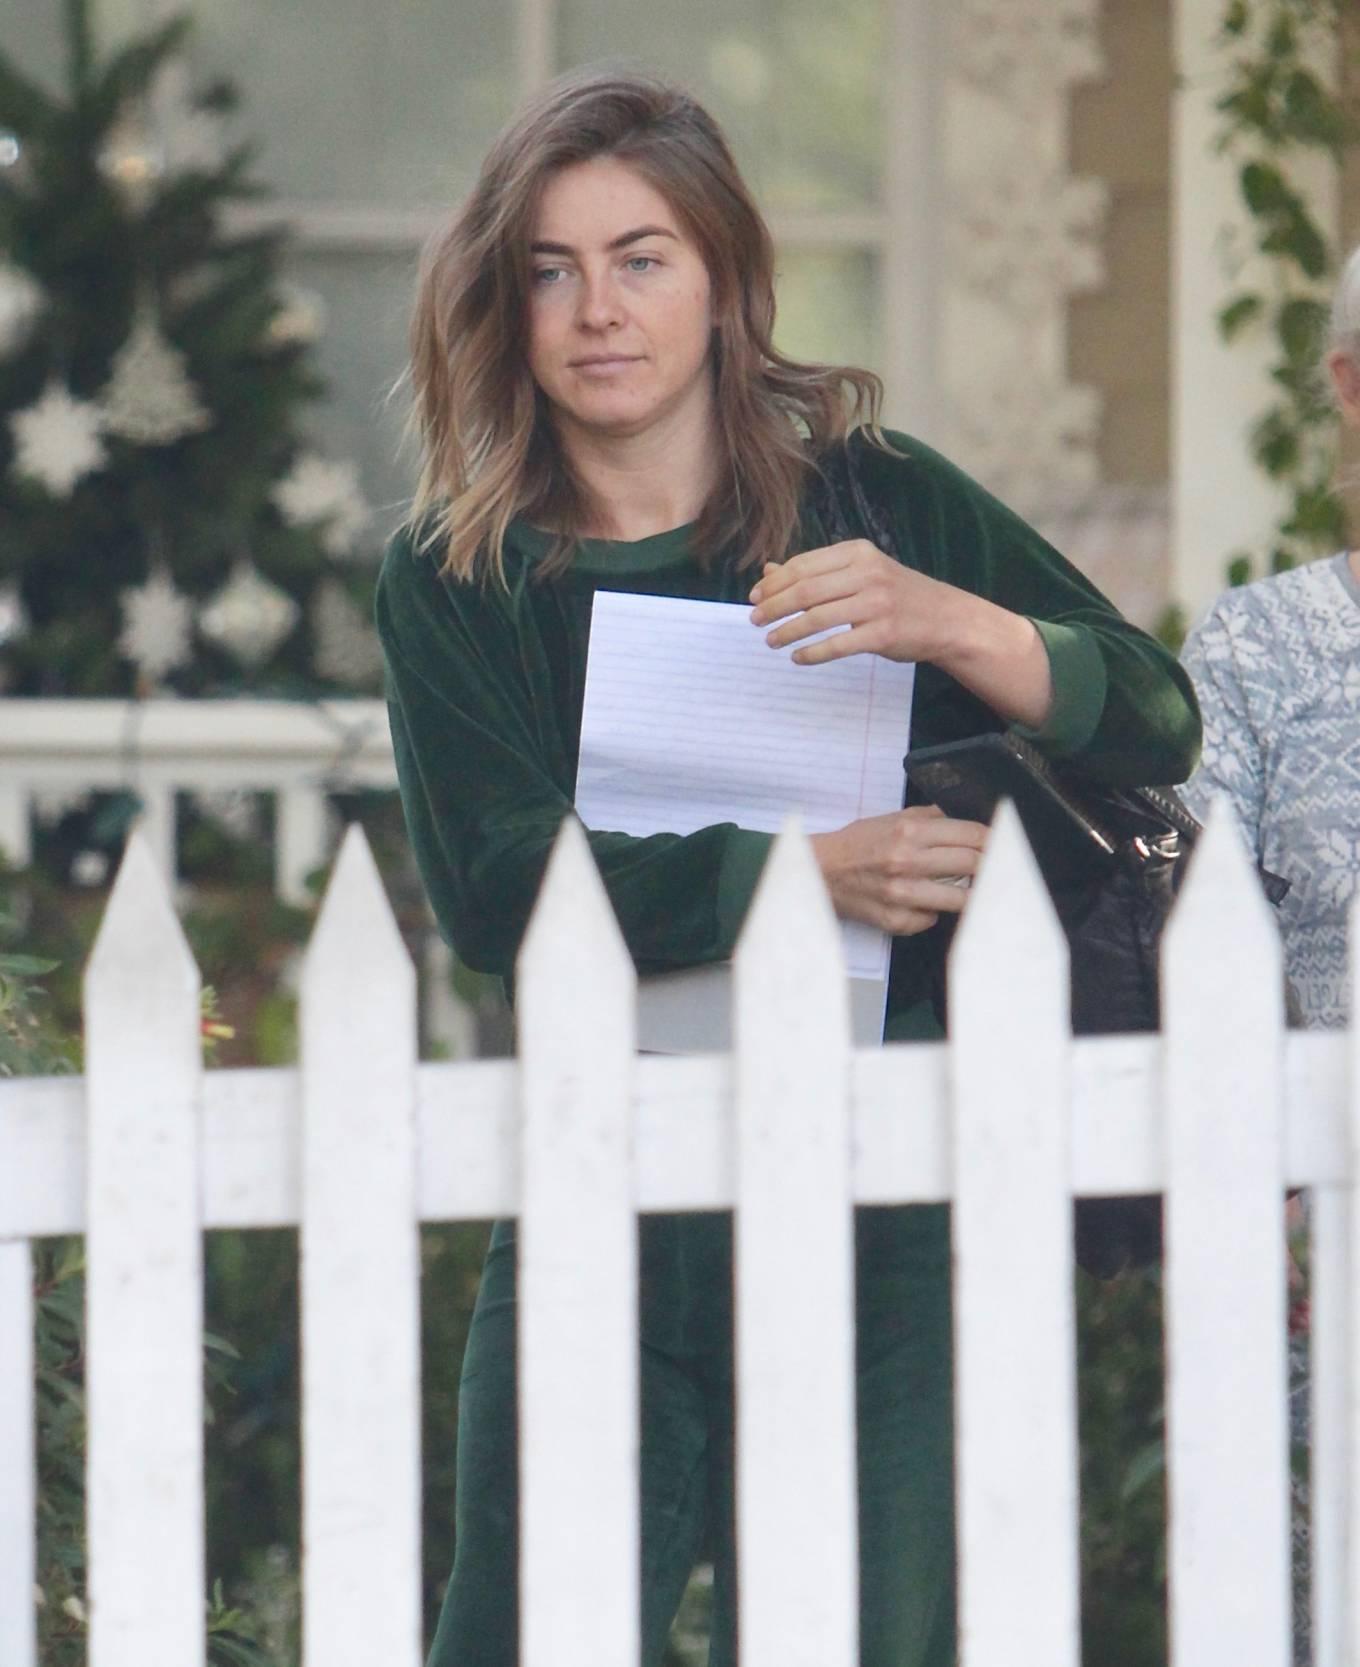 Julianne Hough 2020 : Julianne Hough – Seen leaving her mothers house in Studio City -10